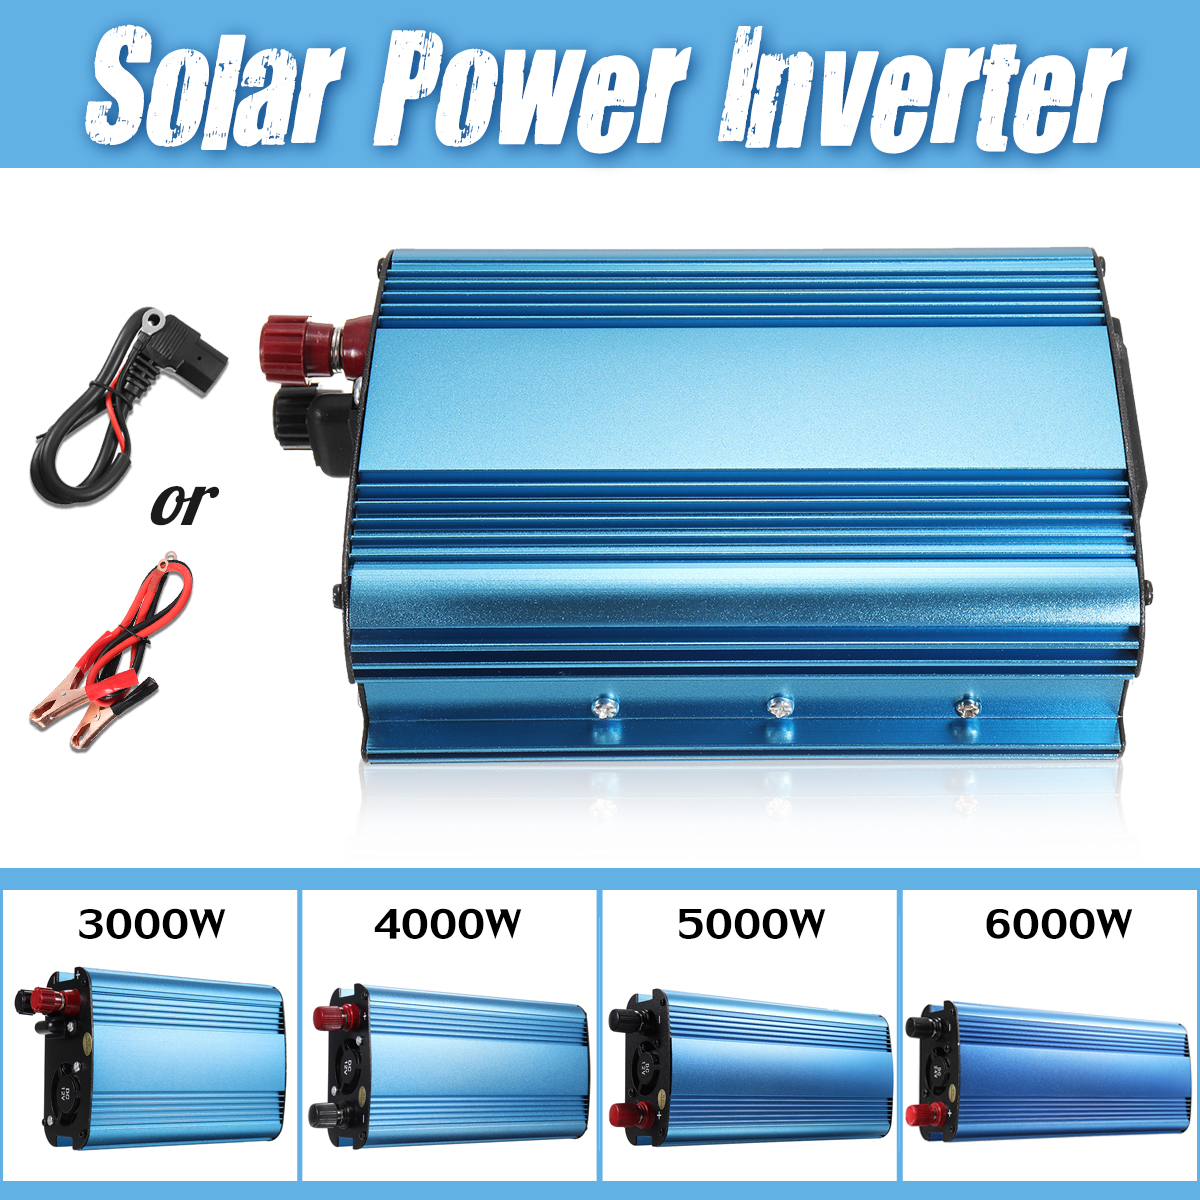 6000W/5000W/4000W/3000W Peak Power Inverter DC 12V/24V/48V/60V To AC 220V Sine Wave Solar Inverter Car Charger Voltage 4000w peak w 4 usb car power inverter 2000w dc 12v to ac 220v charger converter car led power inverter 4000w dc 12v to ac220v